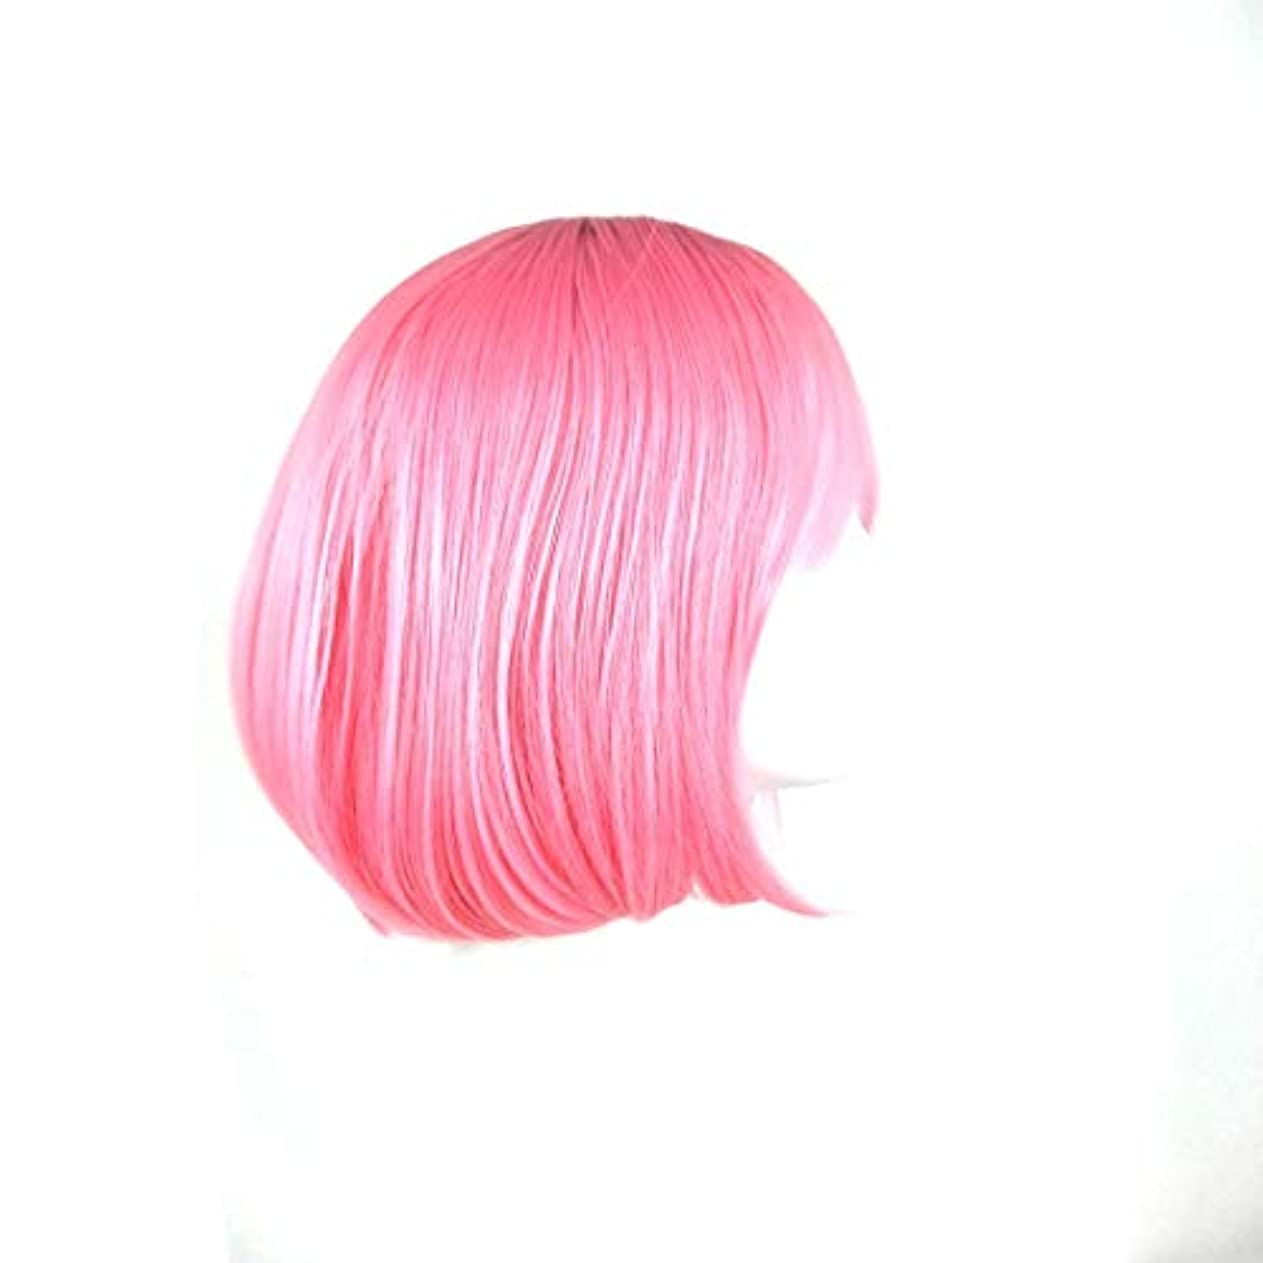 豪華なホバー建てるKerwinner ピンクのかつらショートストレートヘアーボブウィッグ人工毛ナチュラルな耐熱性女性用